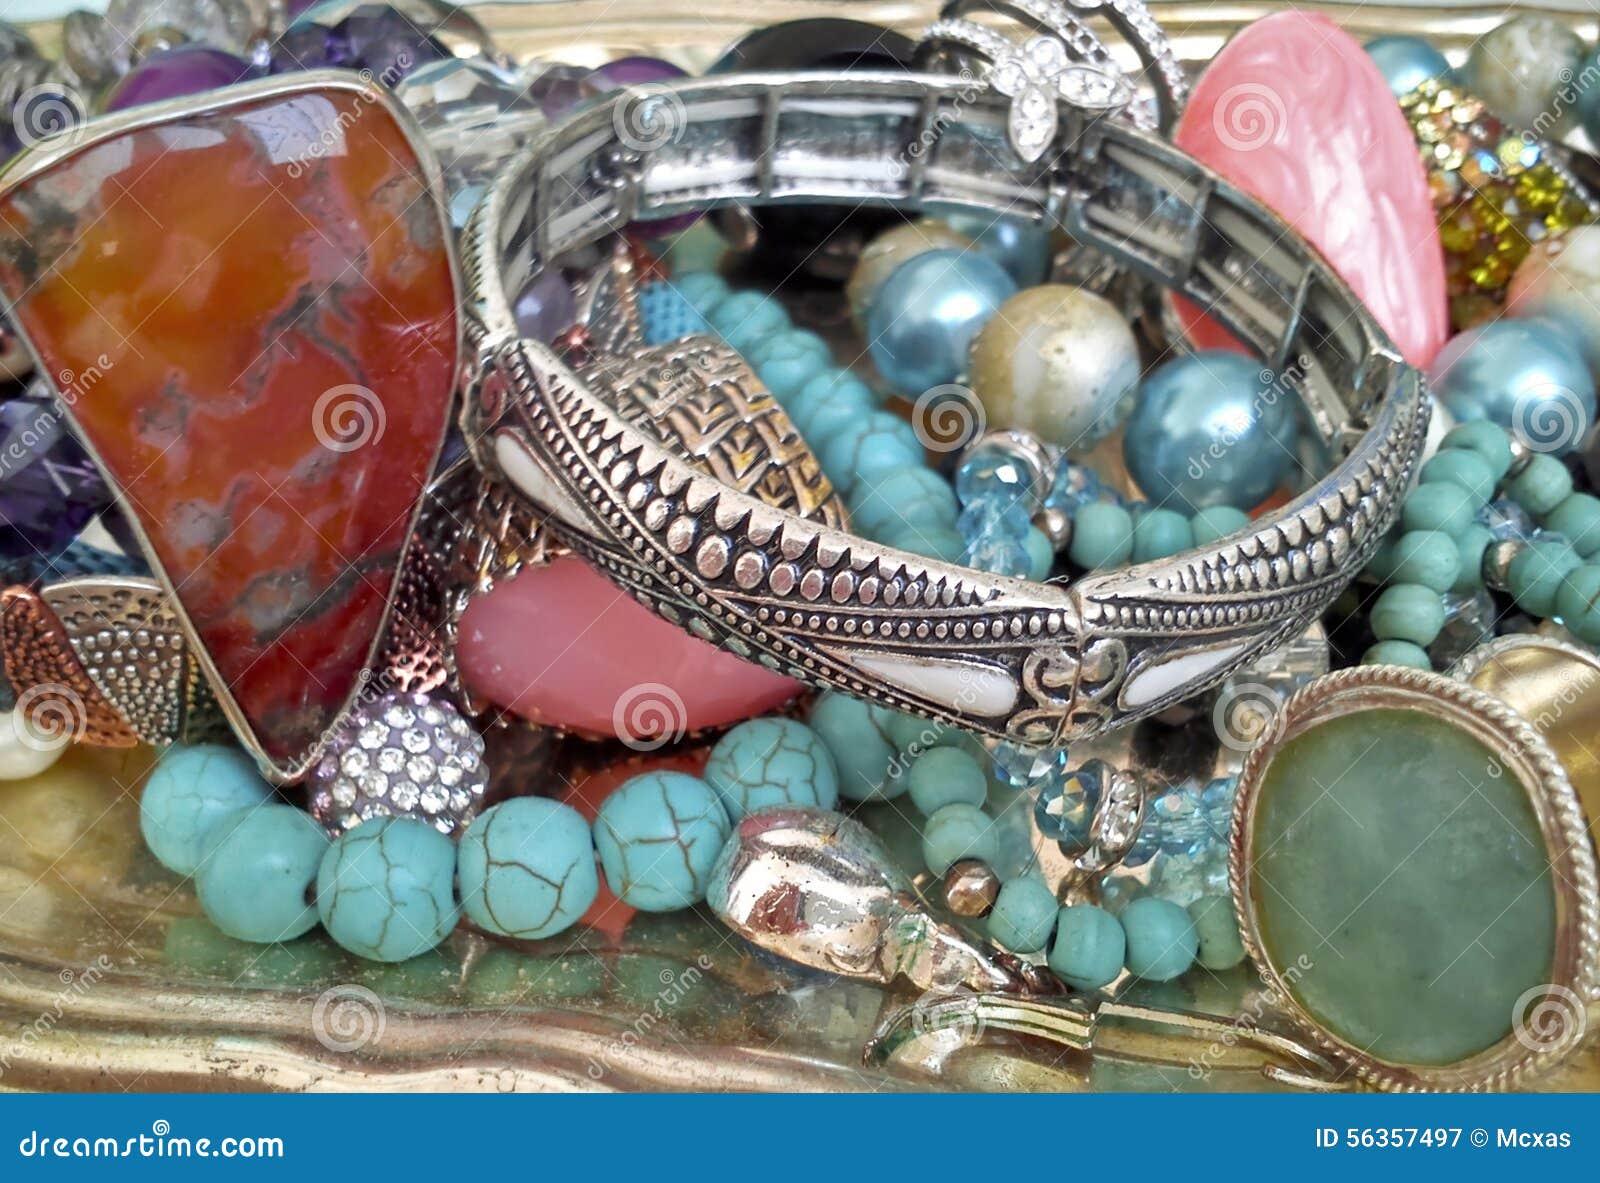 Edelsteinschmuck  Silbermünzen Und Edelsteinschmuck Stockfoto - Bild: 56357497